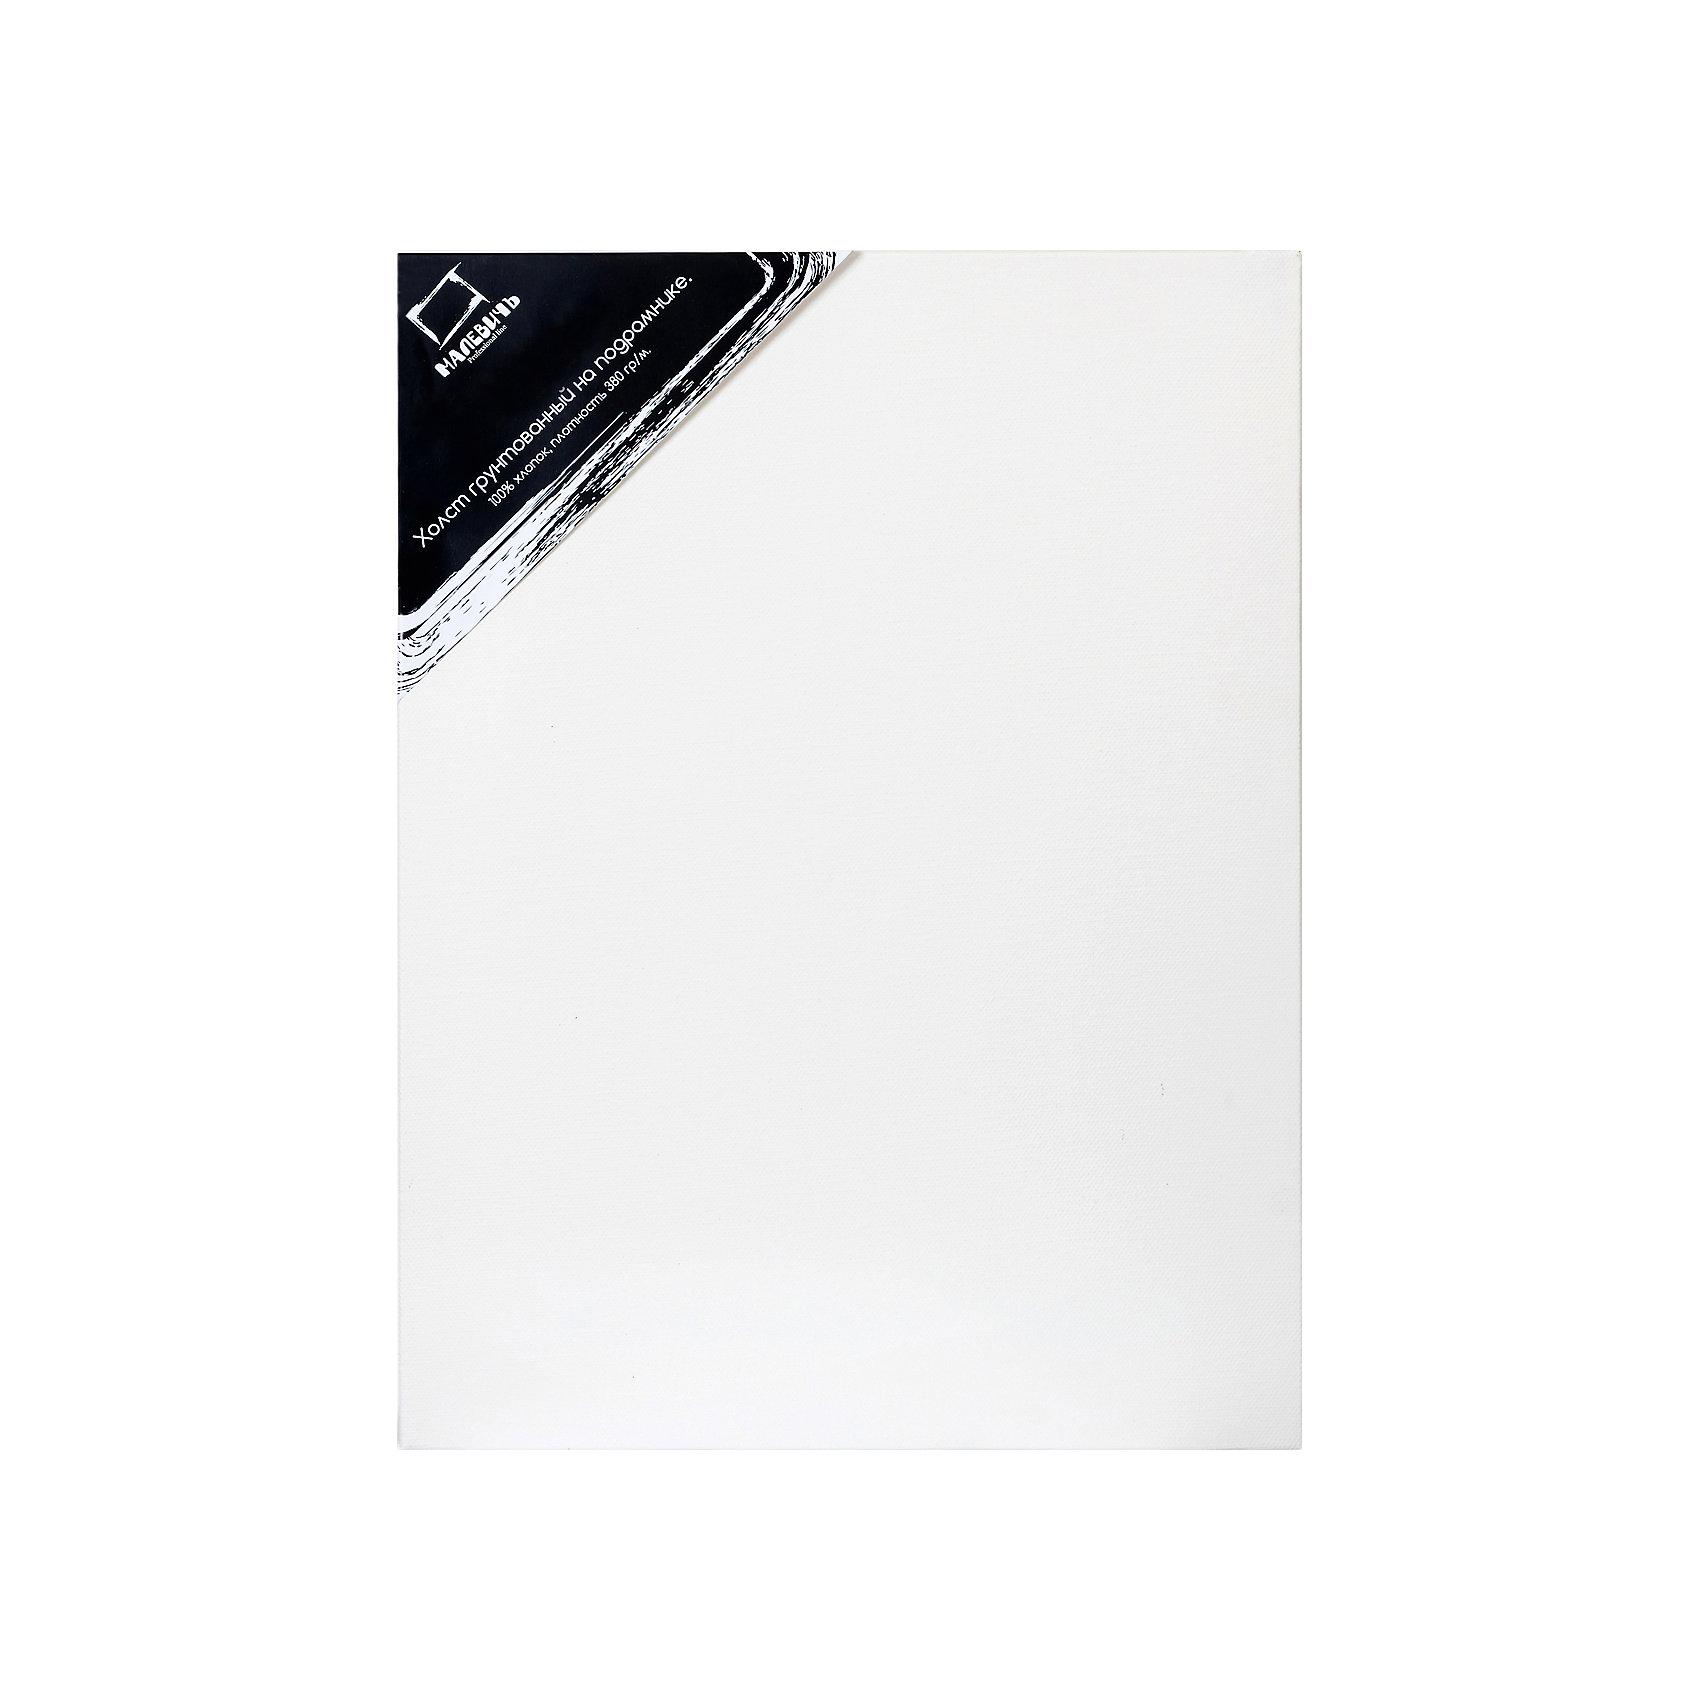 Холст на подрамнике Малевичъ, хлопок 380 гр, 40x50 смПринадлежности для творчества<br>Полностью готовые к работе холсты  для профессиональной живописи. Представляют собой грунтованное среднезернистое полотно из 100% хлопка плотностью 380 г/кв. м, натянутое на деревянный подрамник. В комплект входят клинья, позволяющие регулировать степень натяжения полотна. Гладкая поверхность хлопкового полотна удобна для предварительных набросков, а повышенная плотность холста позволяет использовать его для картин большого формата. Все холсты Малевич изготавливаются из 100% натуральных материалов и проходят тестирование профессиональными художниками.<br><br>Холсты на подрамниках Малевич:<br><br>•    изготовлены из плотного натурального полотна без узелков и неровностей<br>•    профессионально натянуты и загрунтованы<br>•    экономят время художника – сразу же можно приступать к работе<br>•    подходят для любого вида красок, кроме акварельных (для которых у нас есть Акварельные холсты)<br>•    гладкая поверхность удобна для карандашных набросков<br><br>Ширина мм: 400<br>Глубина мм: 500<br>Высота мм: 20<br>Вес г: 500<br>Возраст от месяцев: 84<br>Возраст до месяцев: 2147483647<br>Пол: Унисекс<br>Возраст: Детский<br>SKU: 6757433